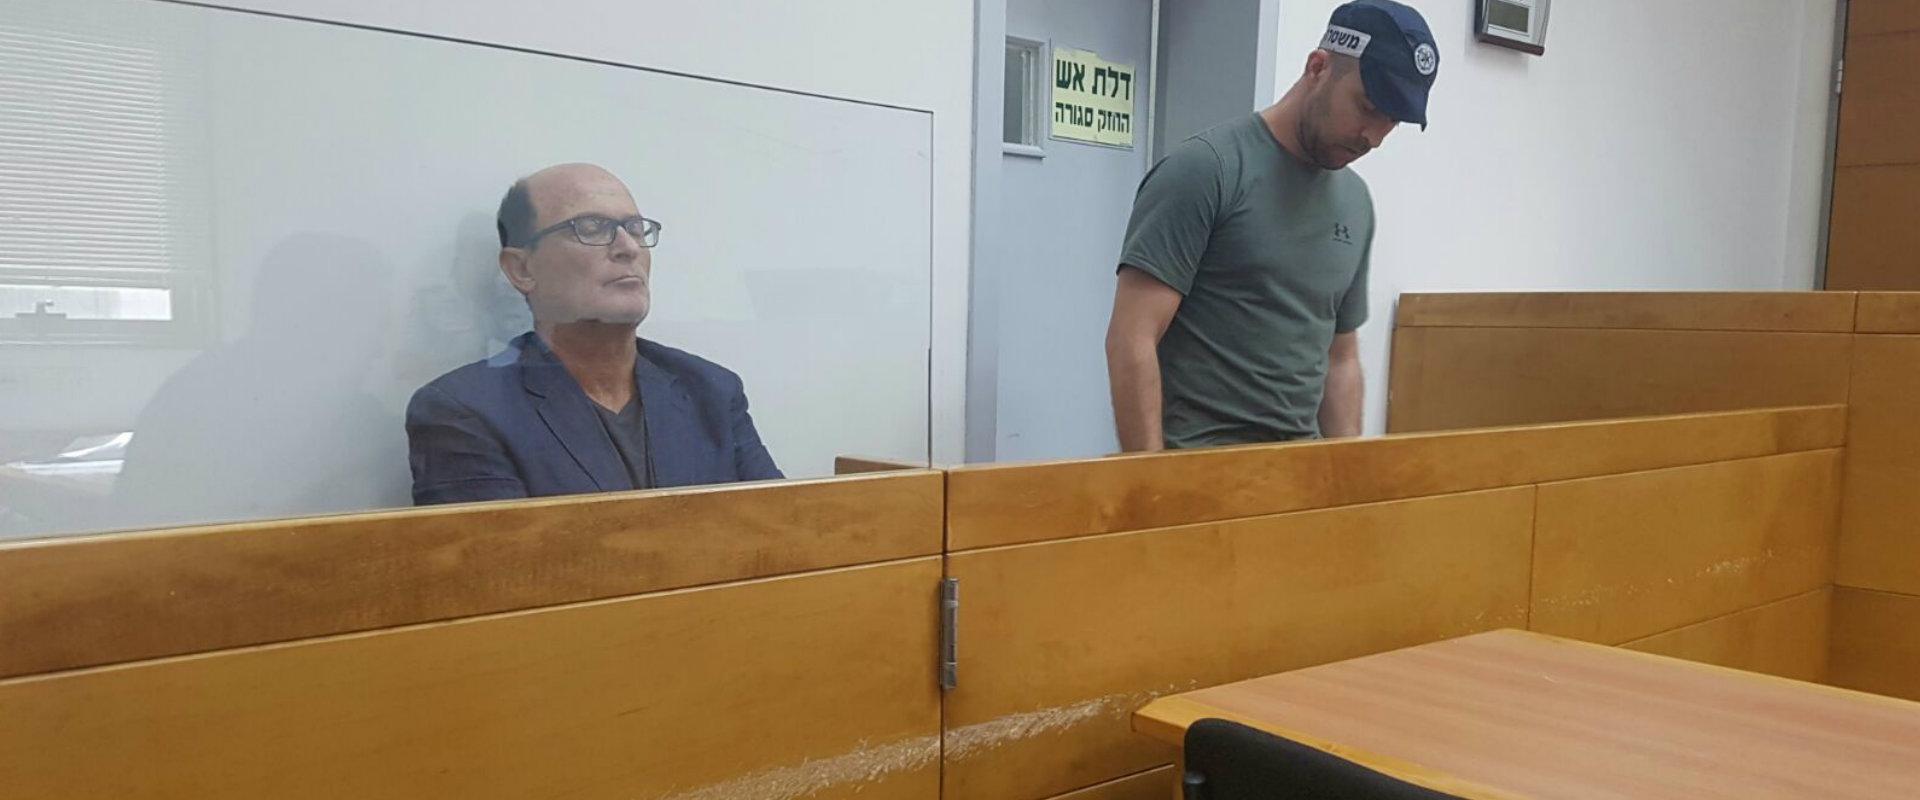 אבריאל בר יוסף בדיון בהארכת מעצרו, הבוקר